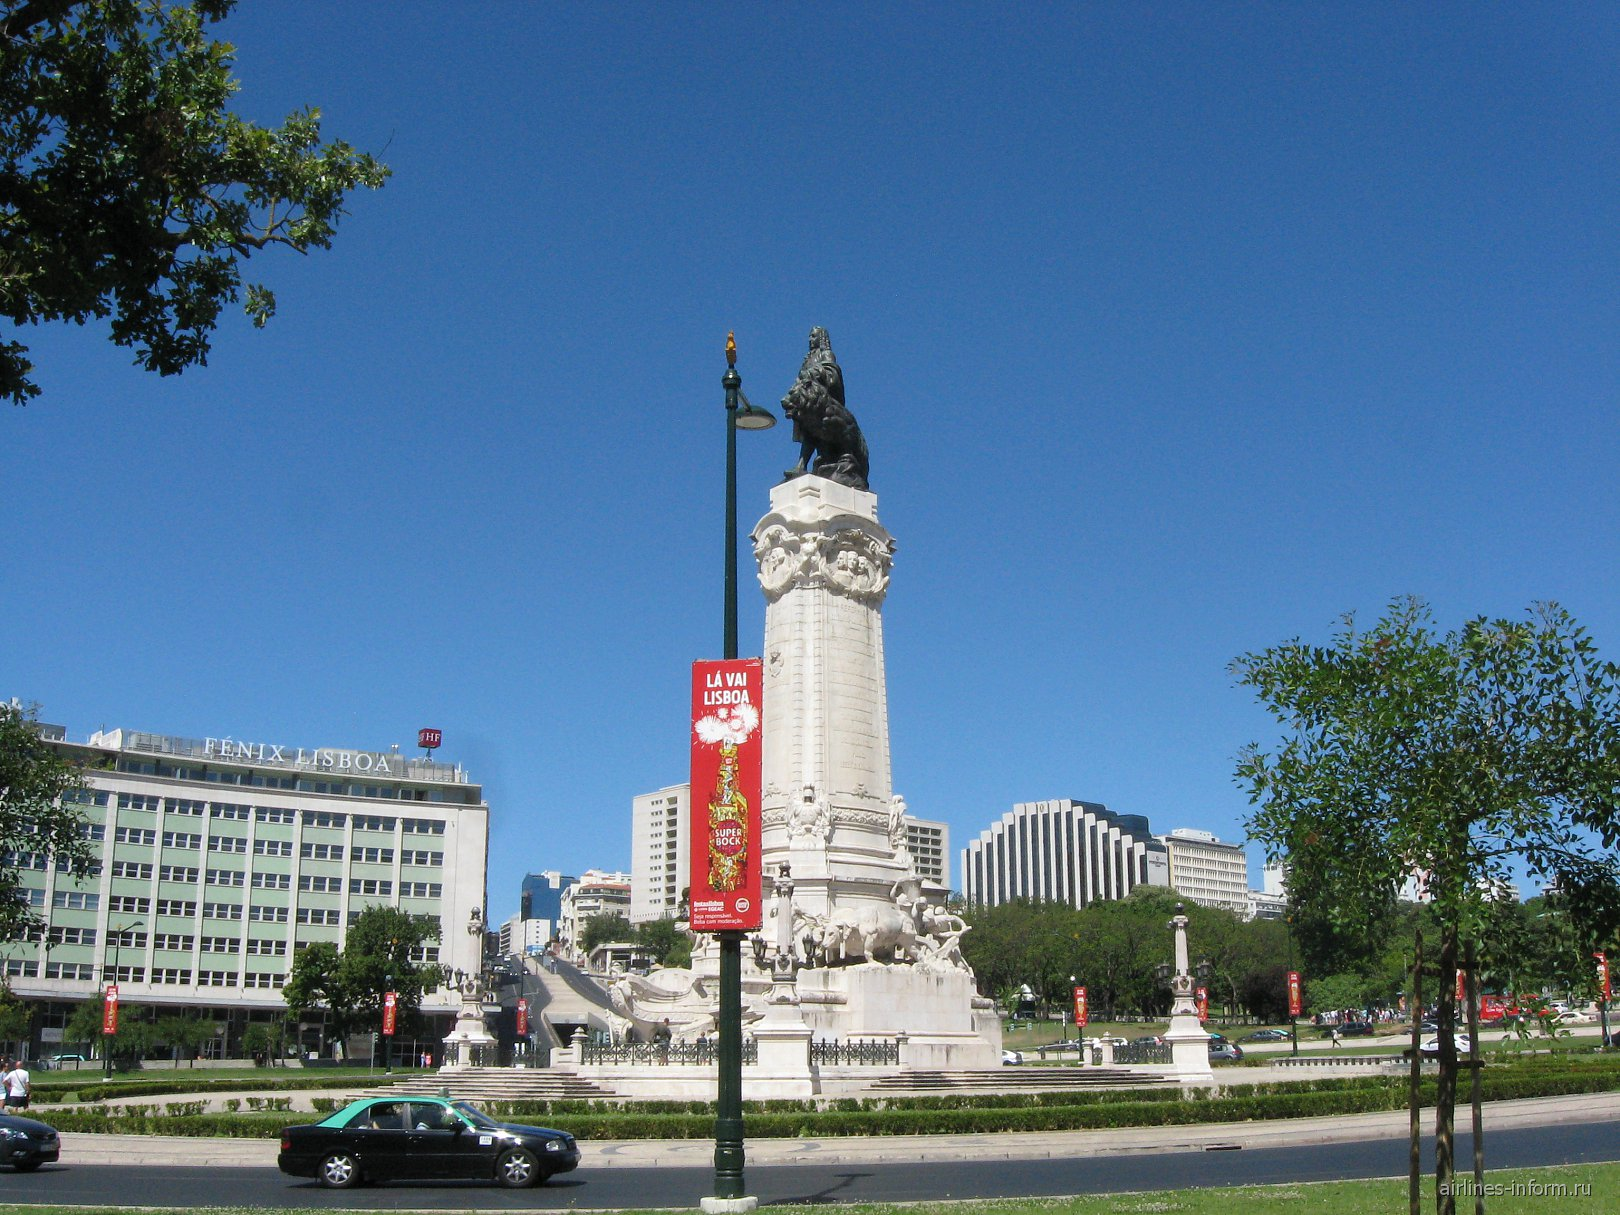 Площадь Маркиза де Помбала